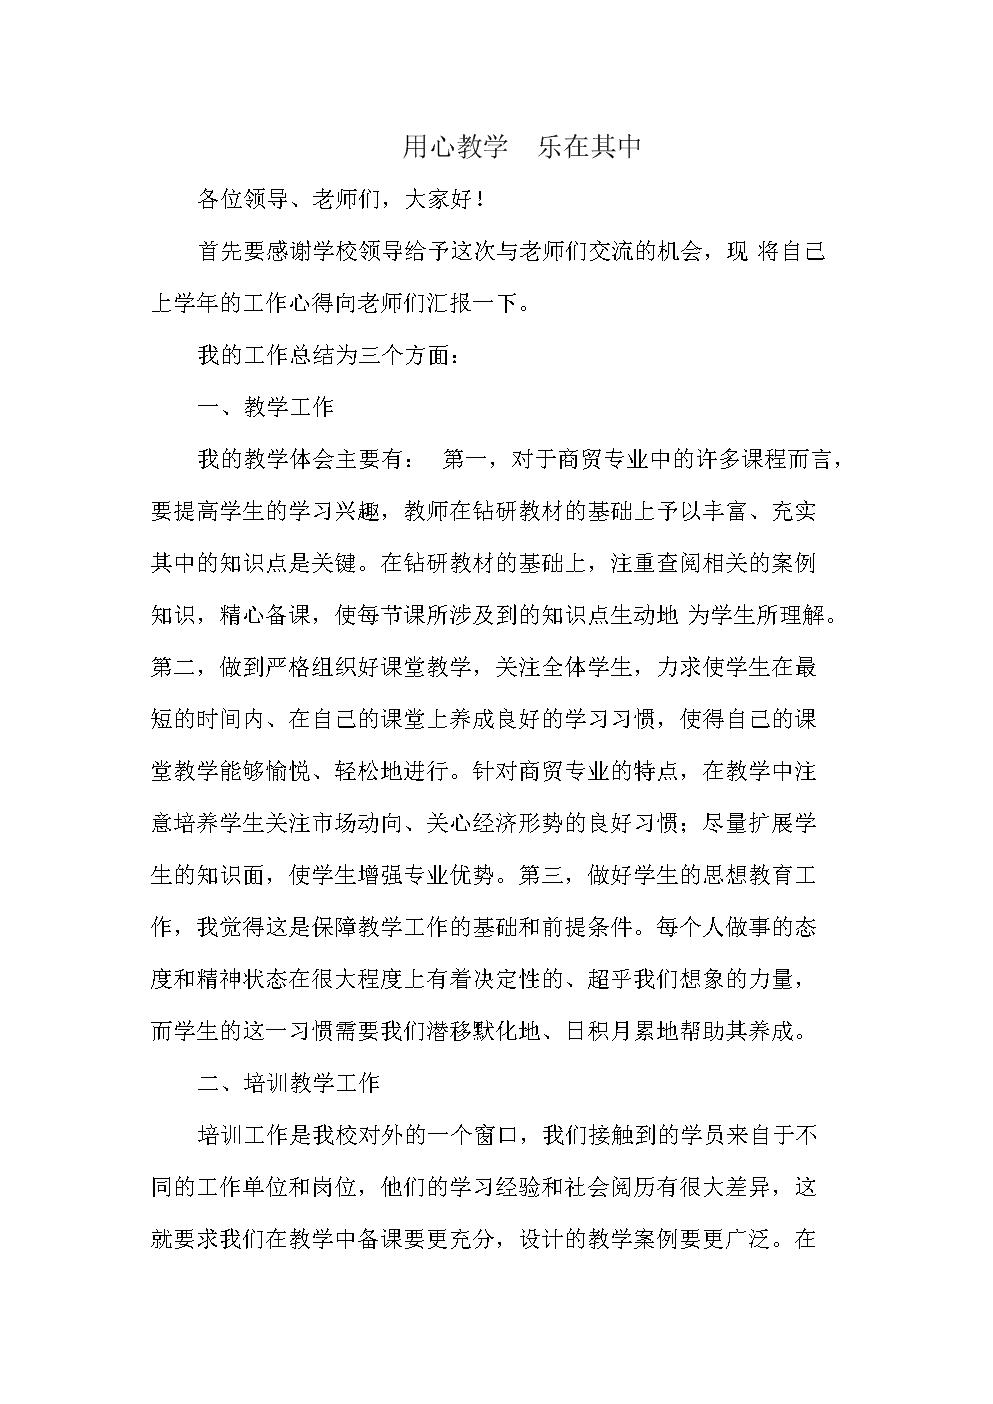 优秀教师报告会汇报材料9.doc